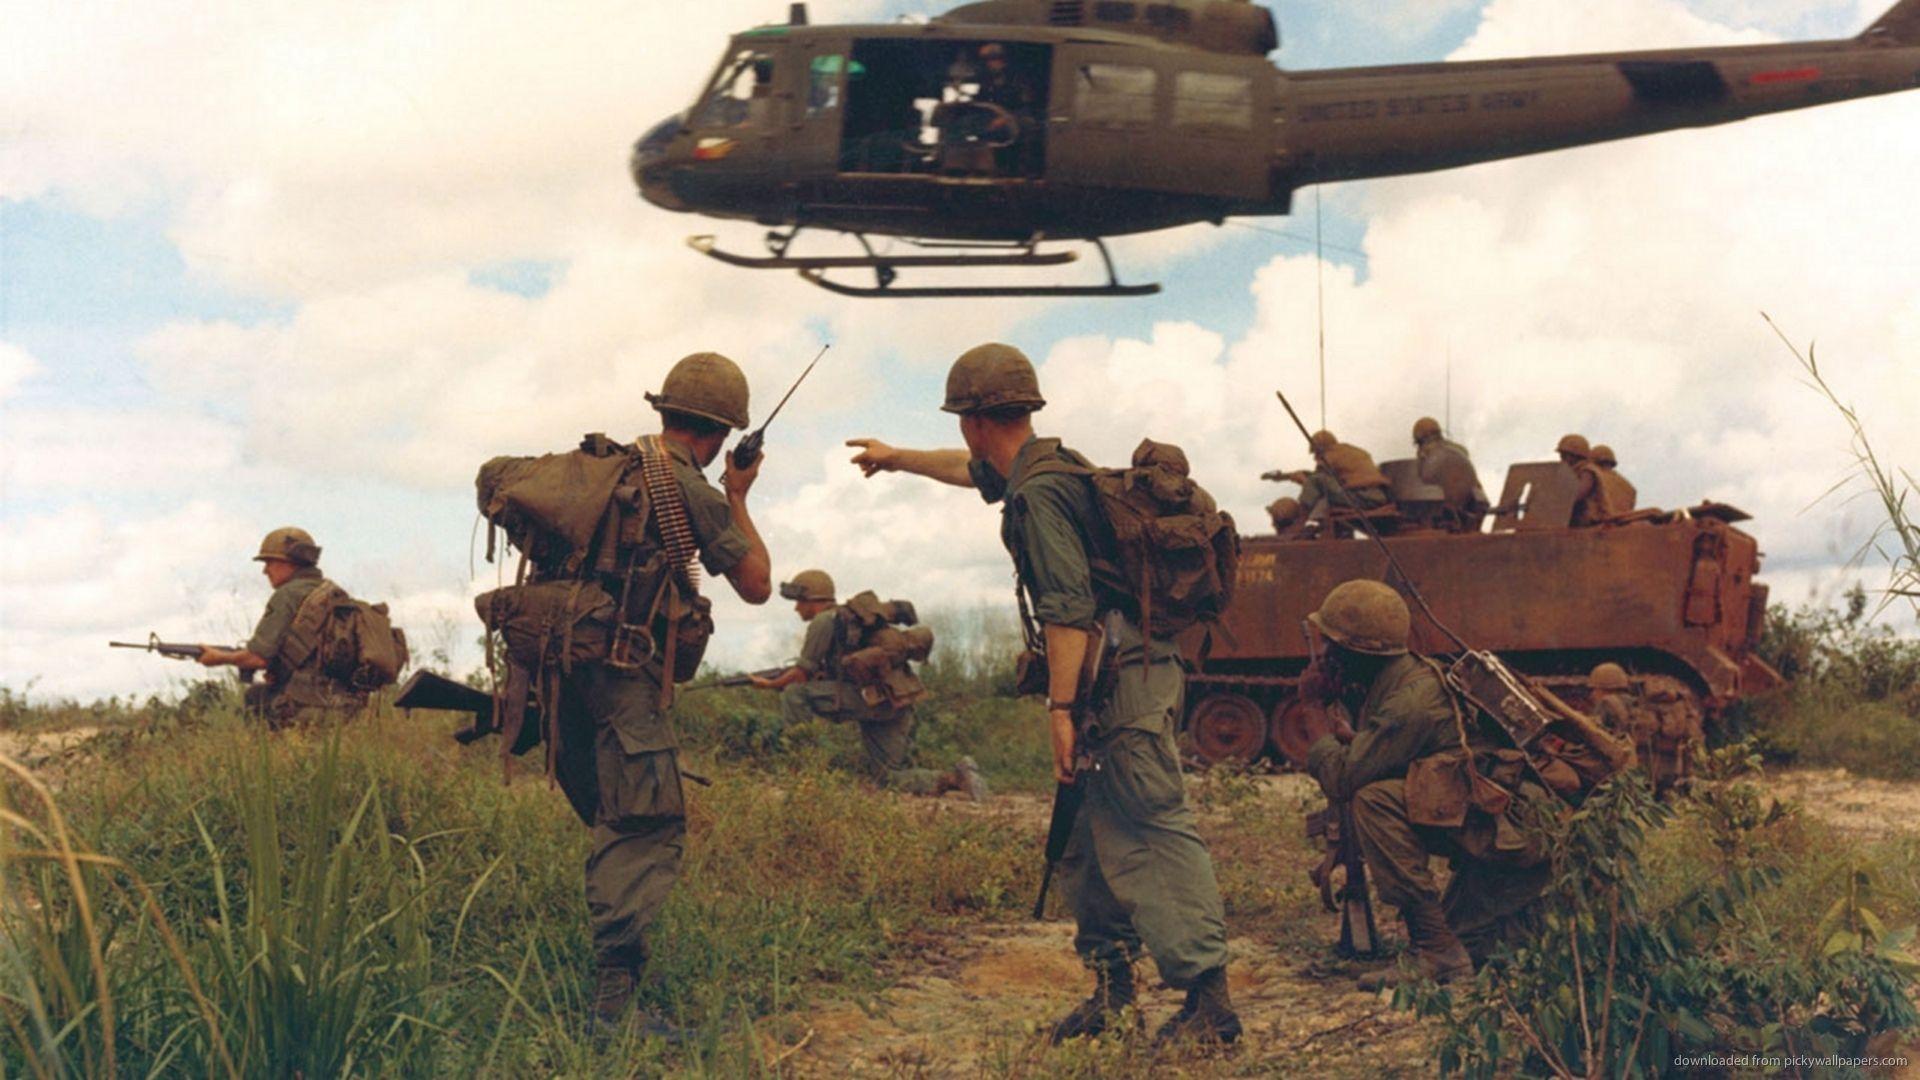 56 Vietnam War Wallpapers on WallpaperPlay 1920x1080